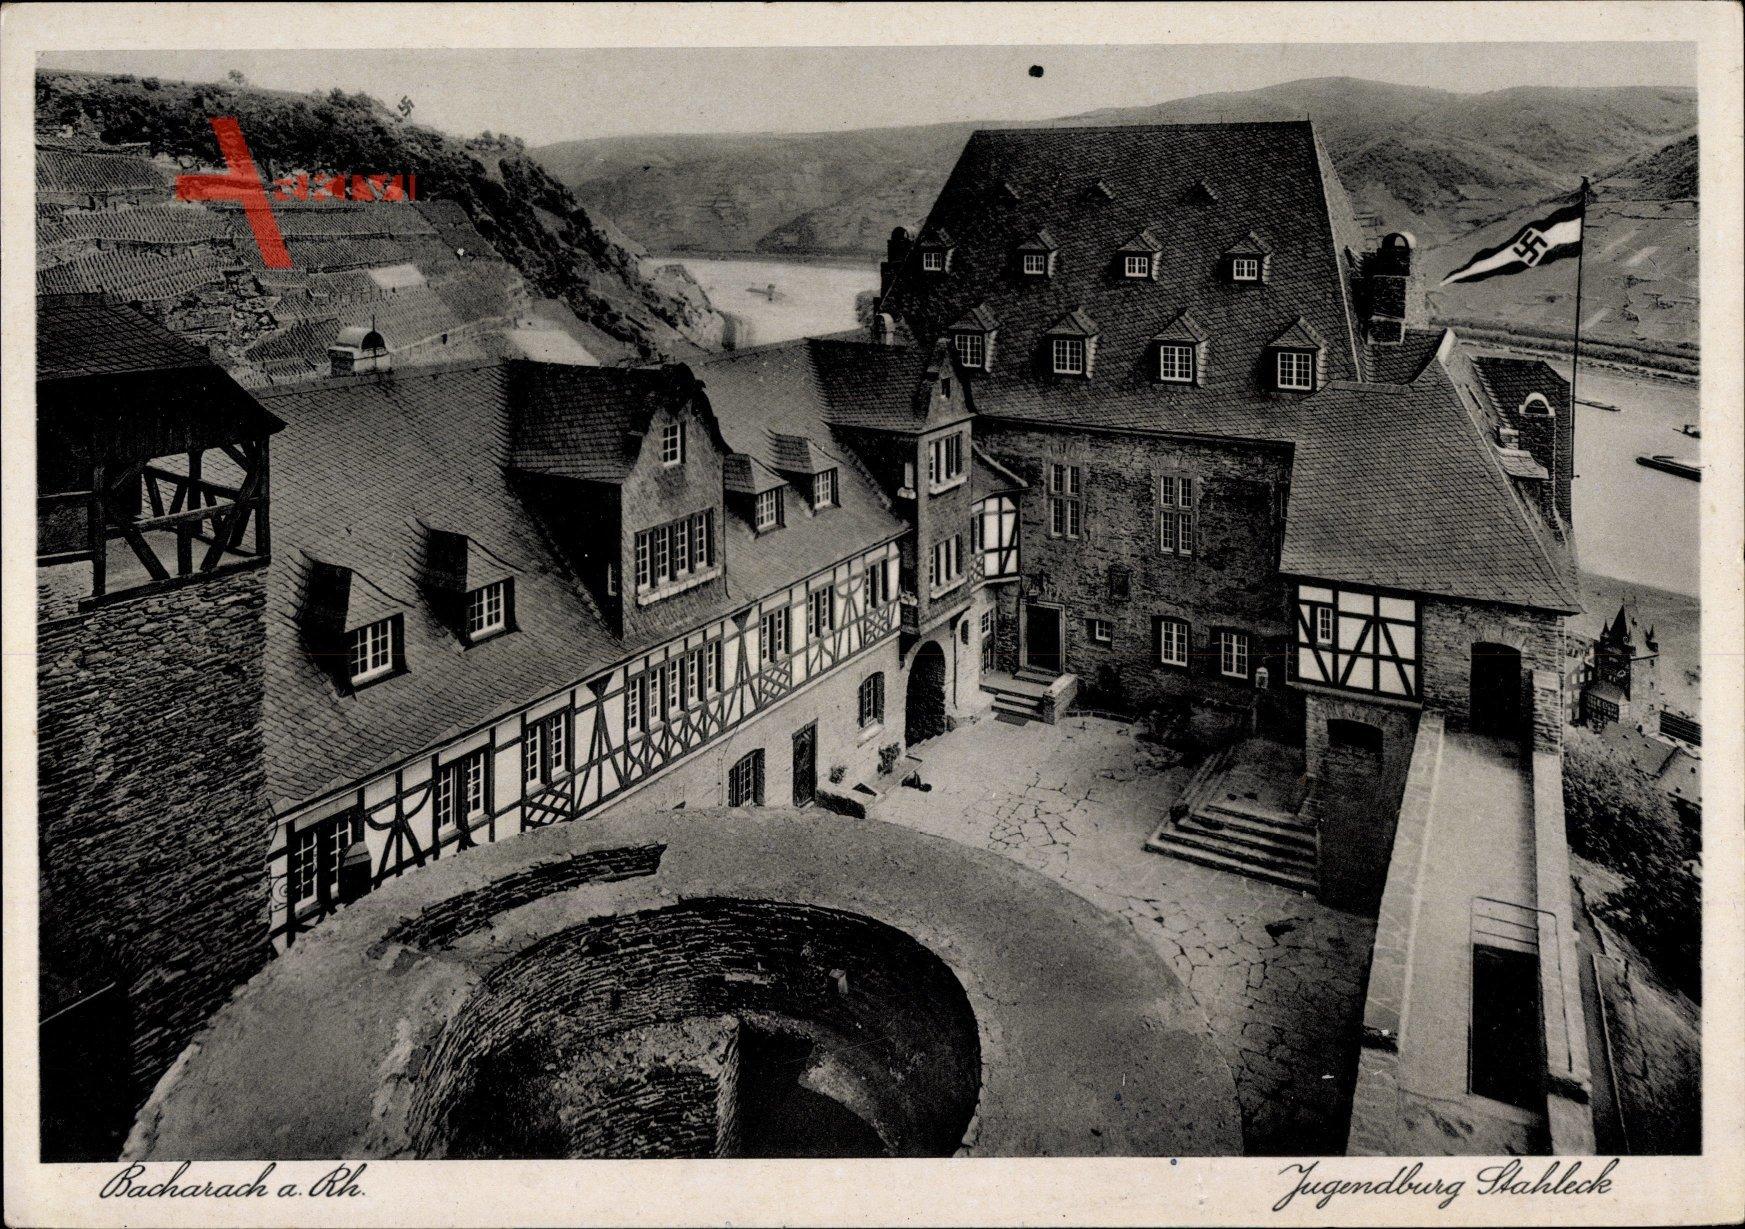 Bacharach am Rhein im Kreis Mainz Bingen, Blick in den Innenhof der Jugendburg Stahleck